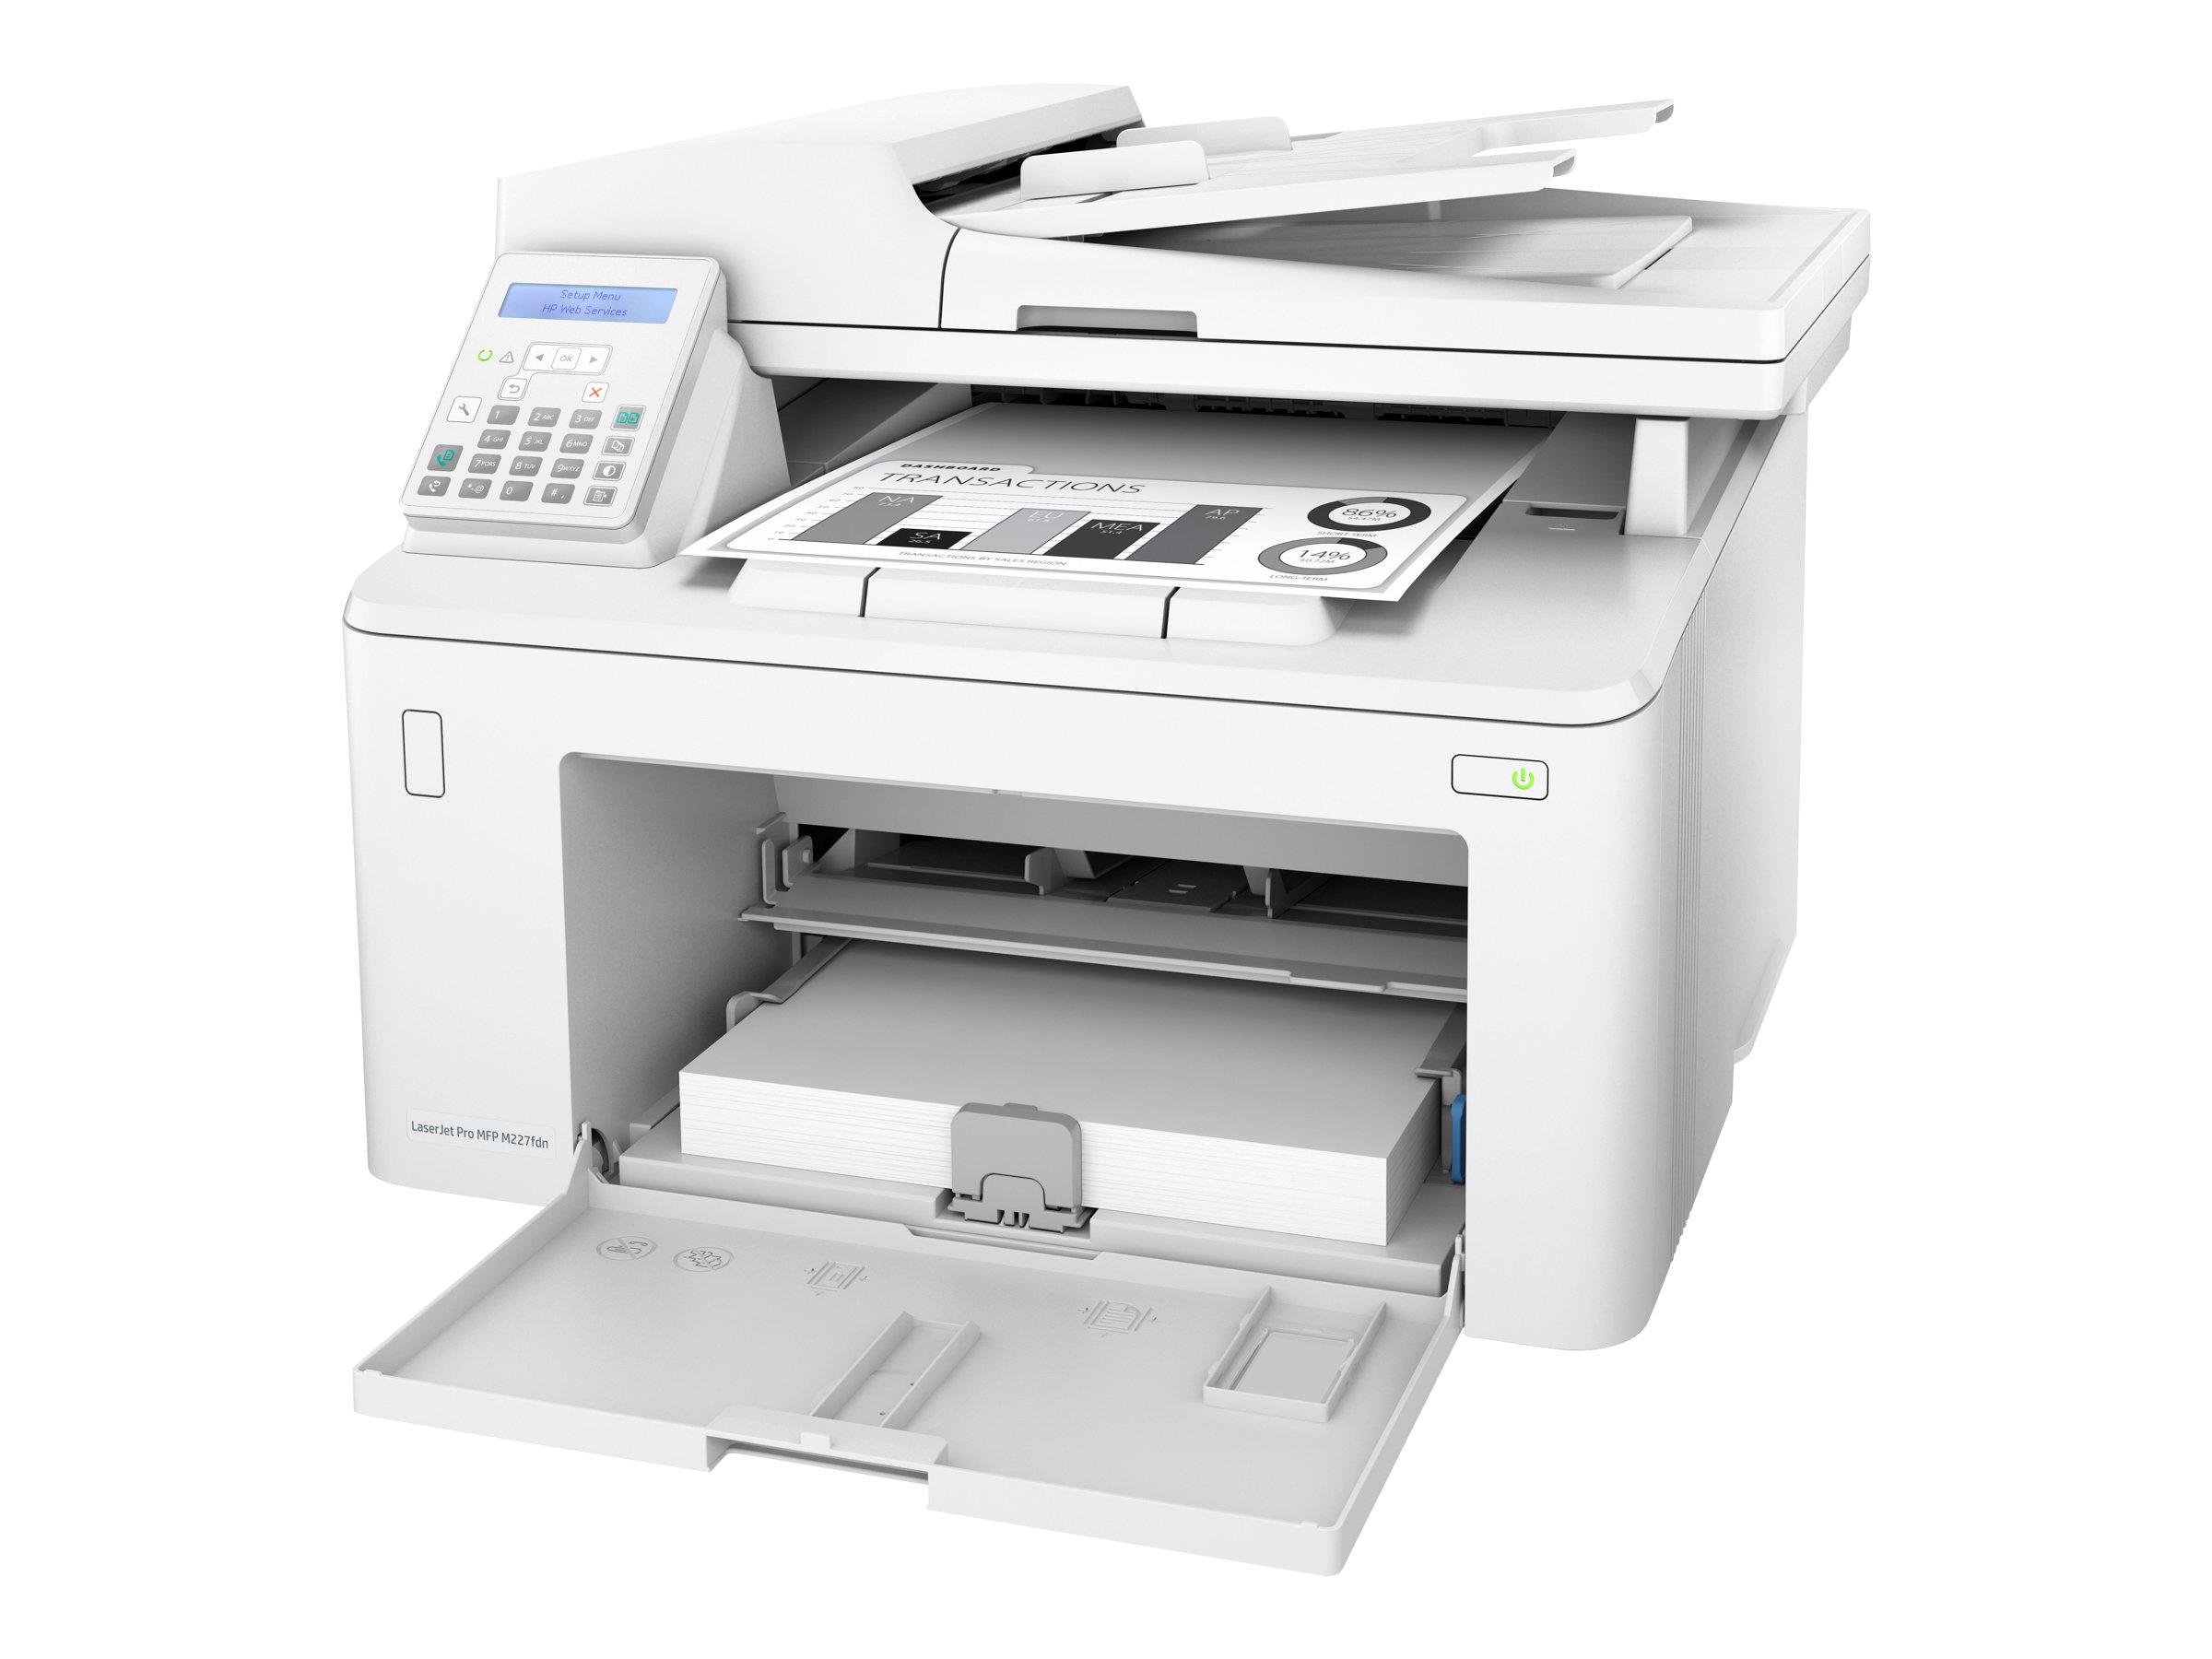 HP LaserJet Pro MFP M227fdn - Multifunktionsdrucker - s/w - Laser - Legal (216 x 356 mm)